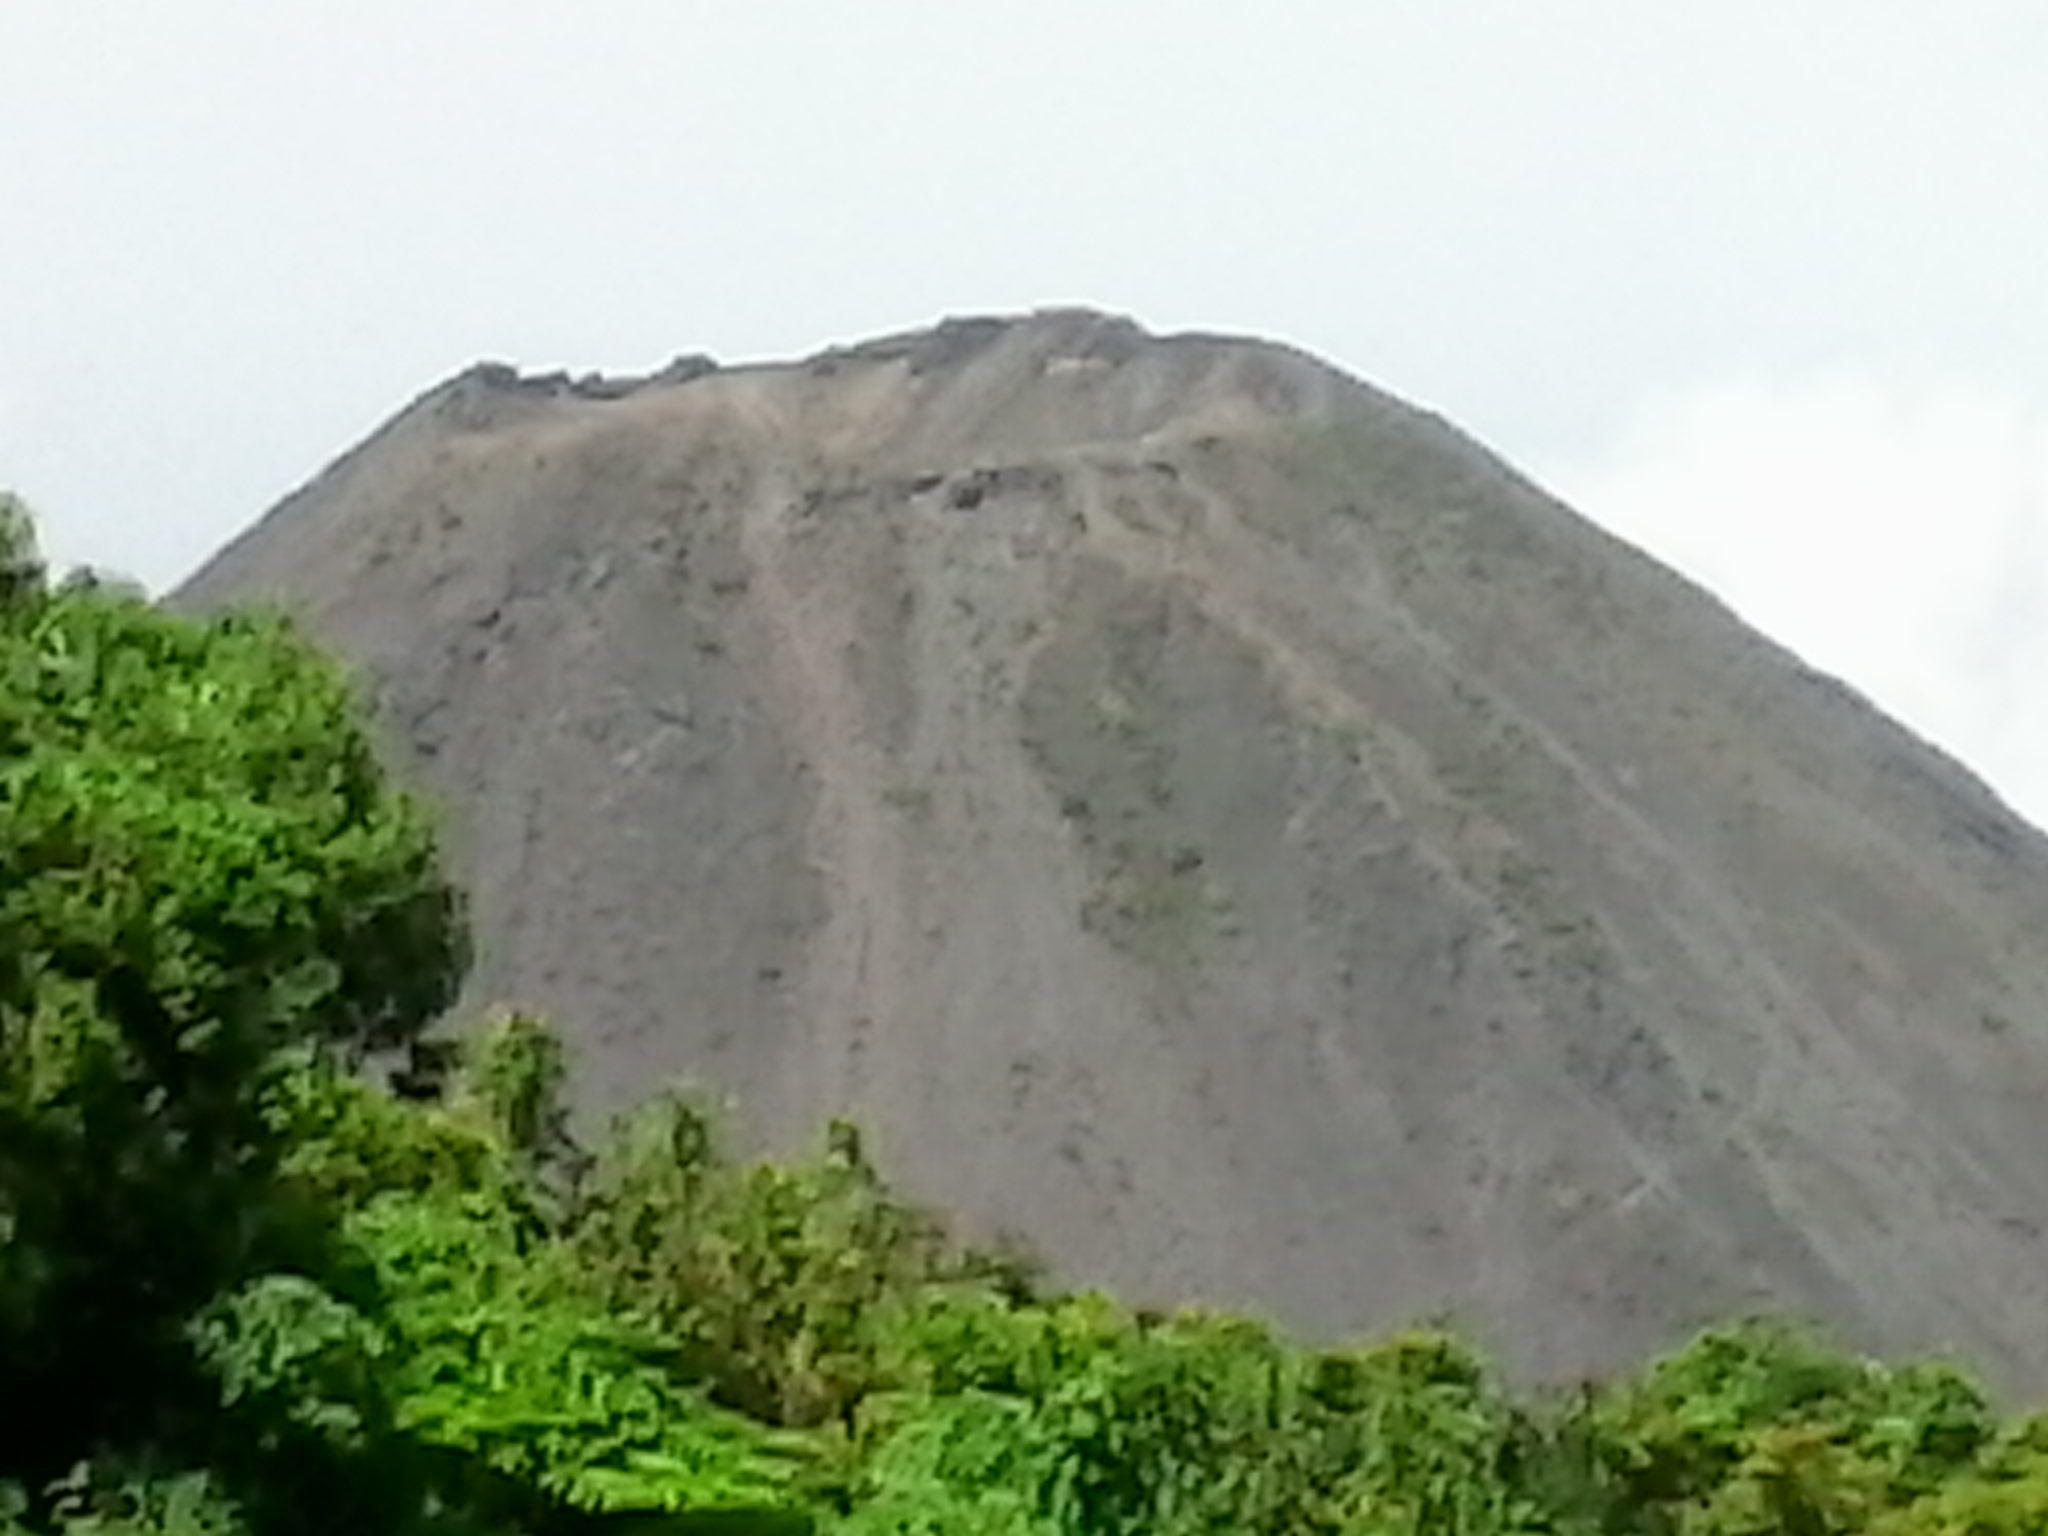 este es el volcán  izalco y al rededor de el podemos ver una inmensa  vegetación.